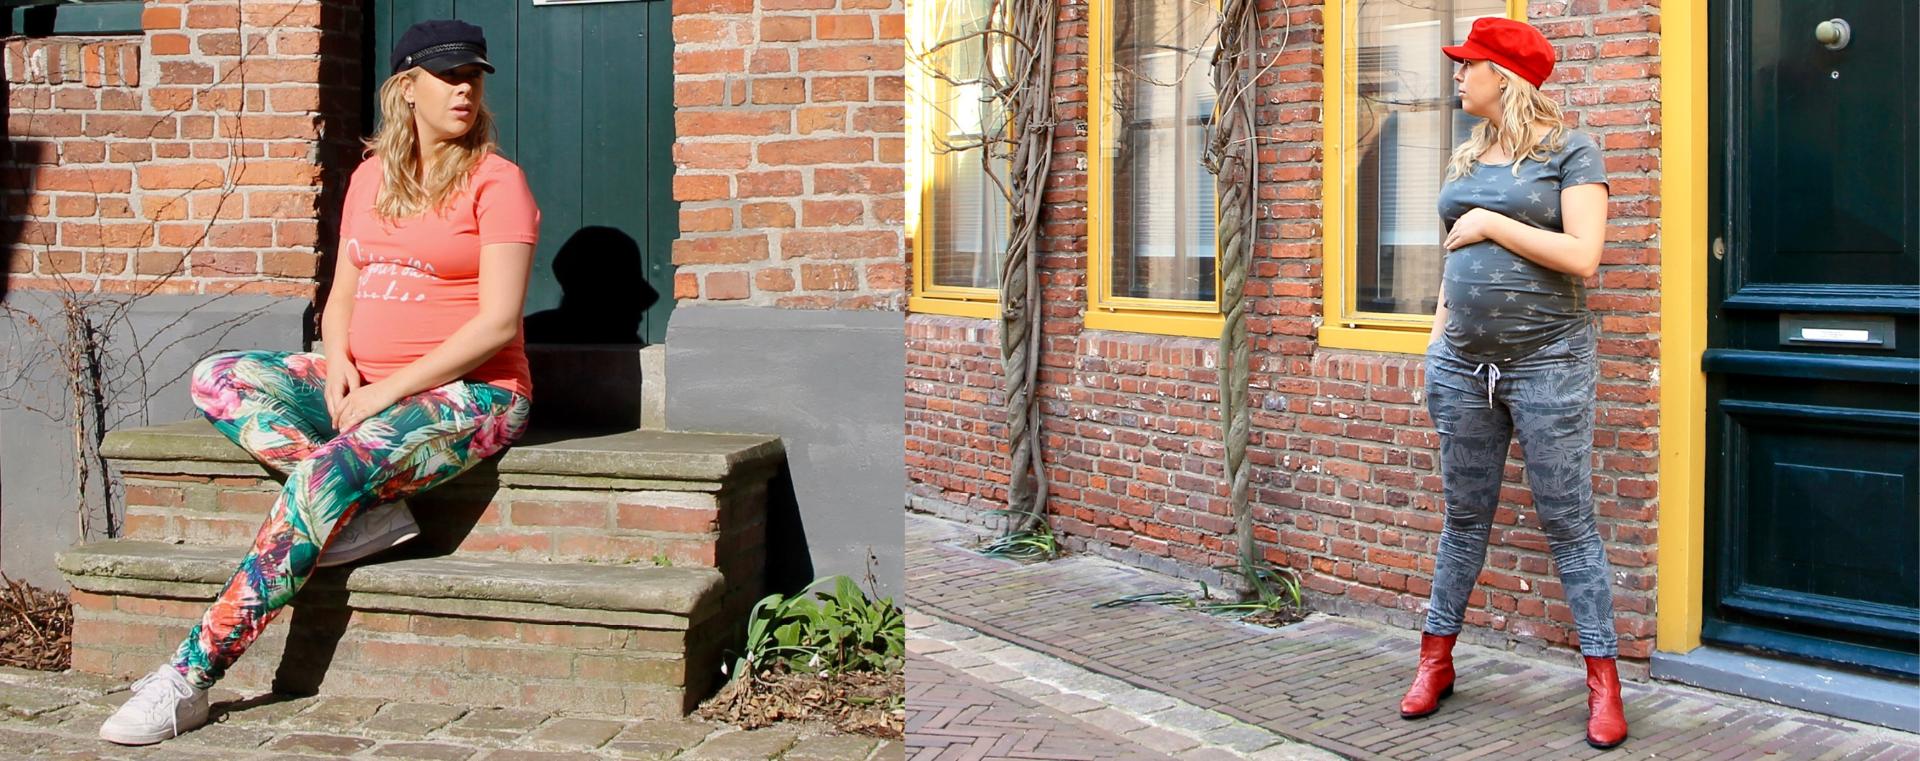 Zwangerschapskleding Groningen.Blog Hippe Zwangerschapskleding Van Jurkjes Tot Jeans Babyplanet